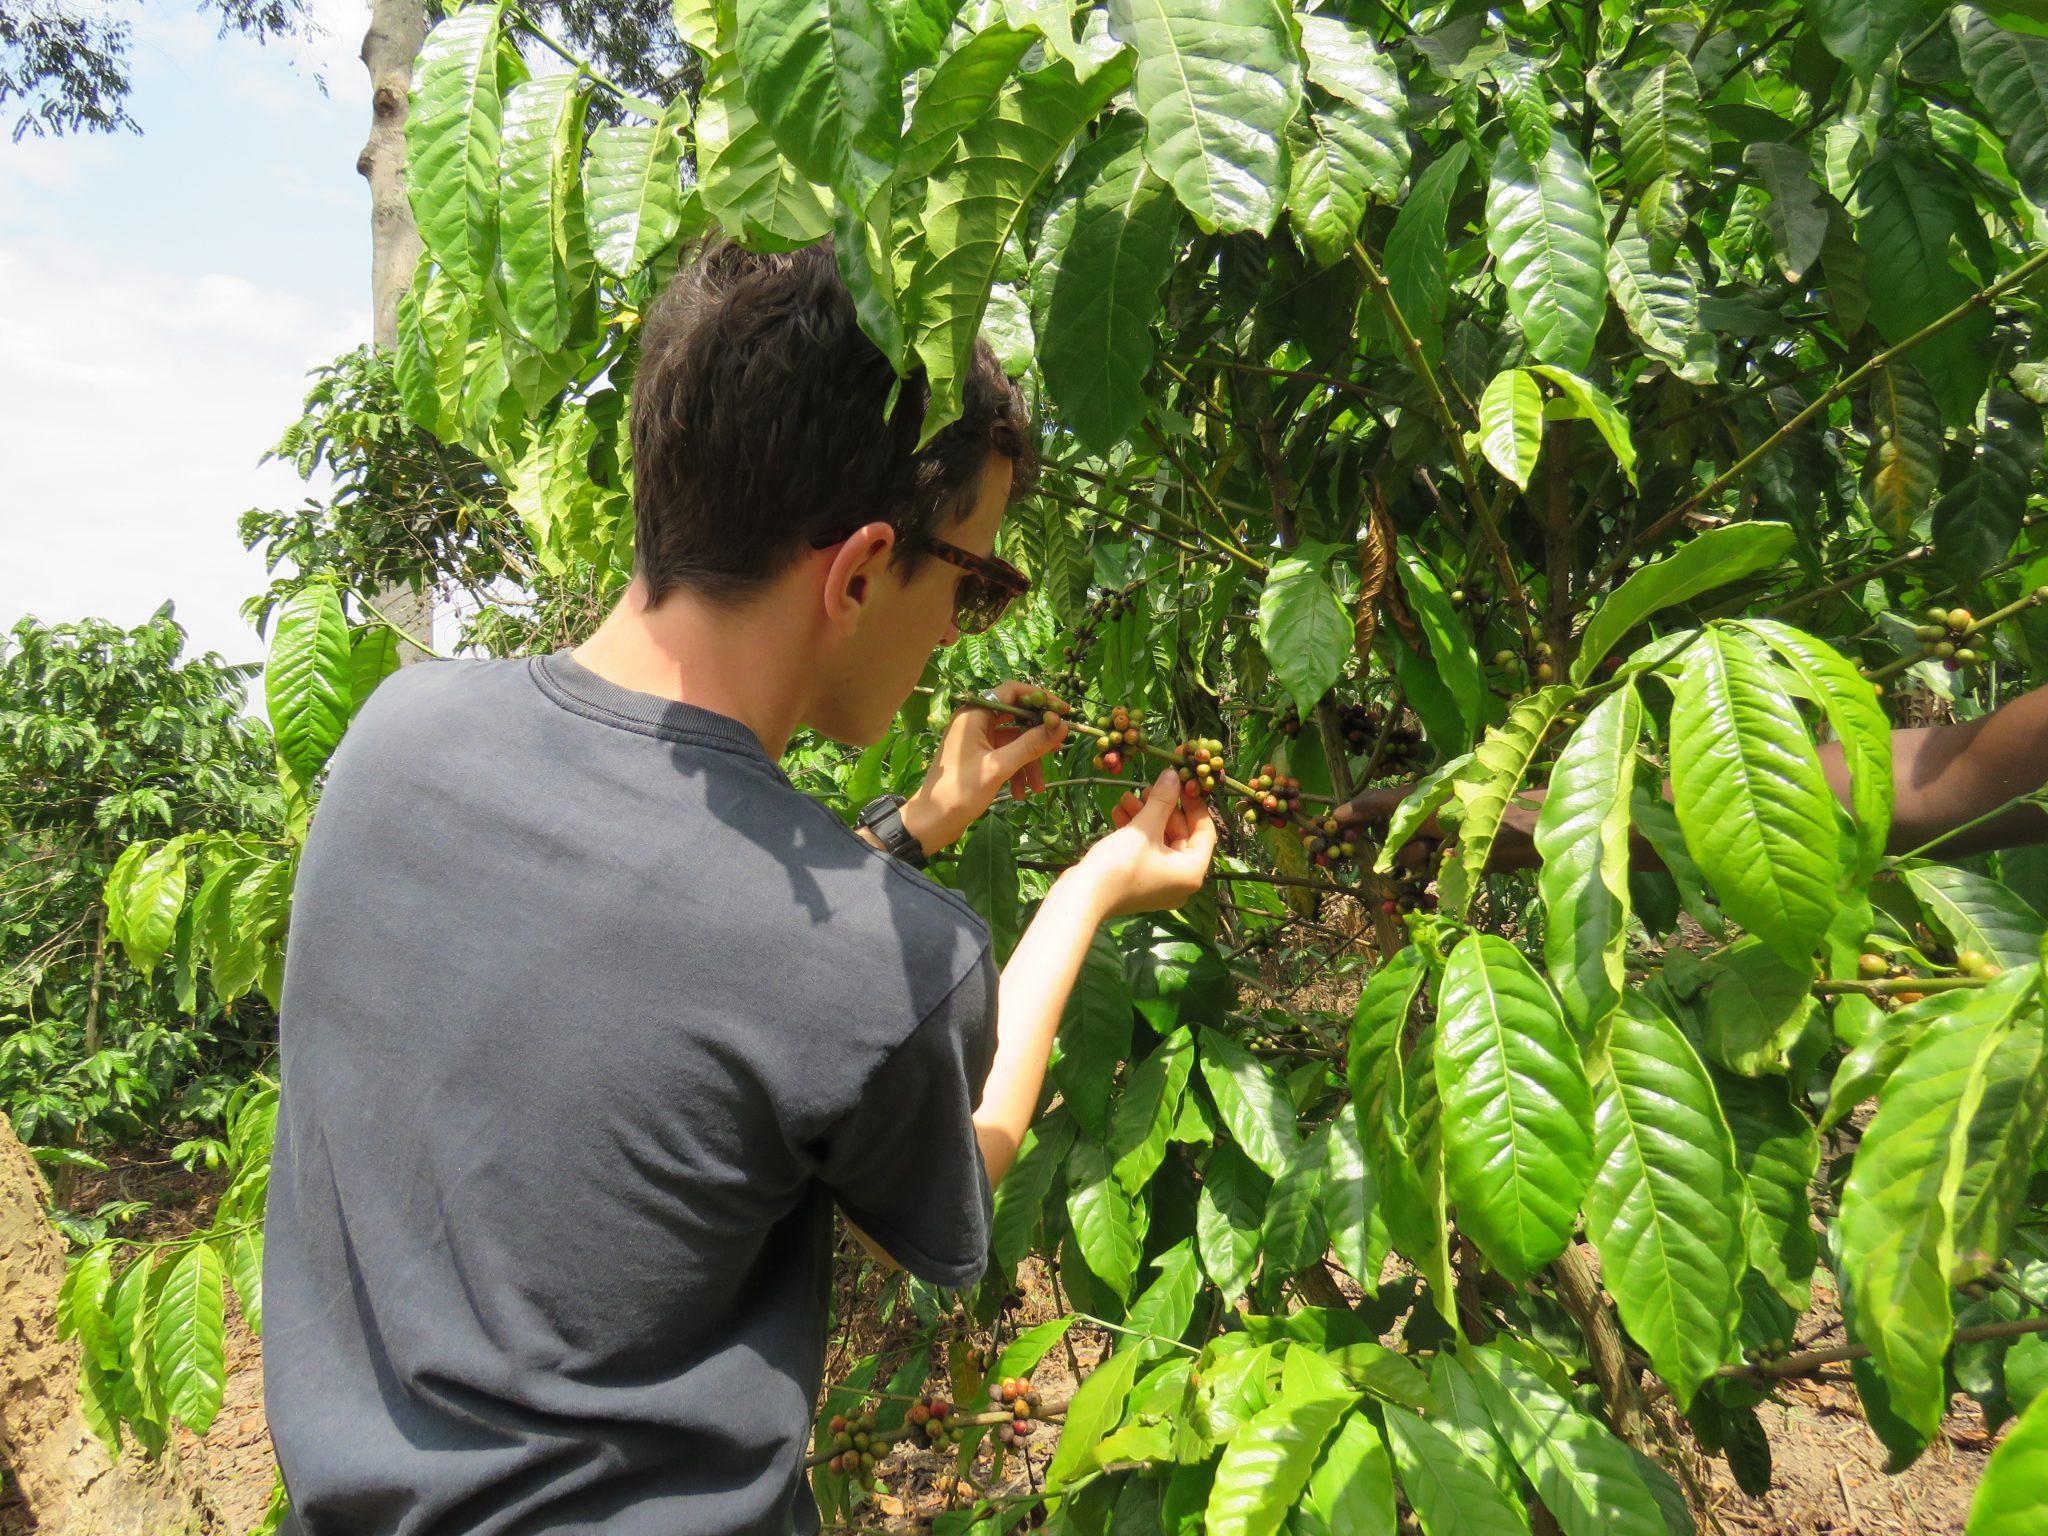 Harvesting coffee cherries in Uganda